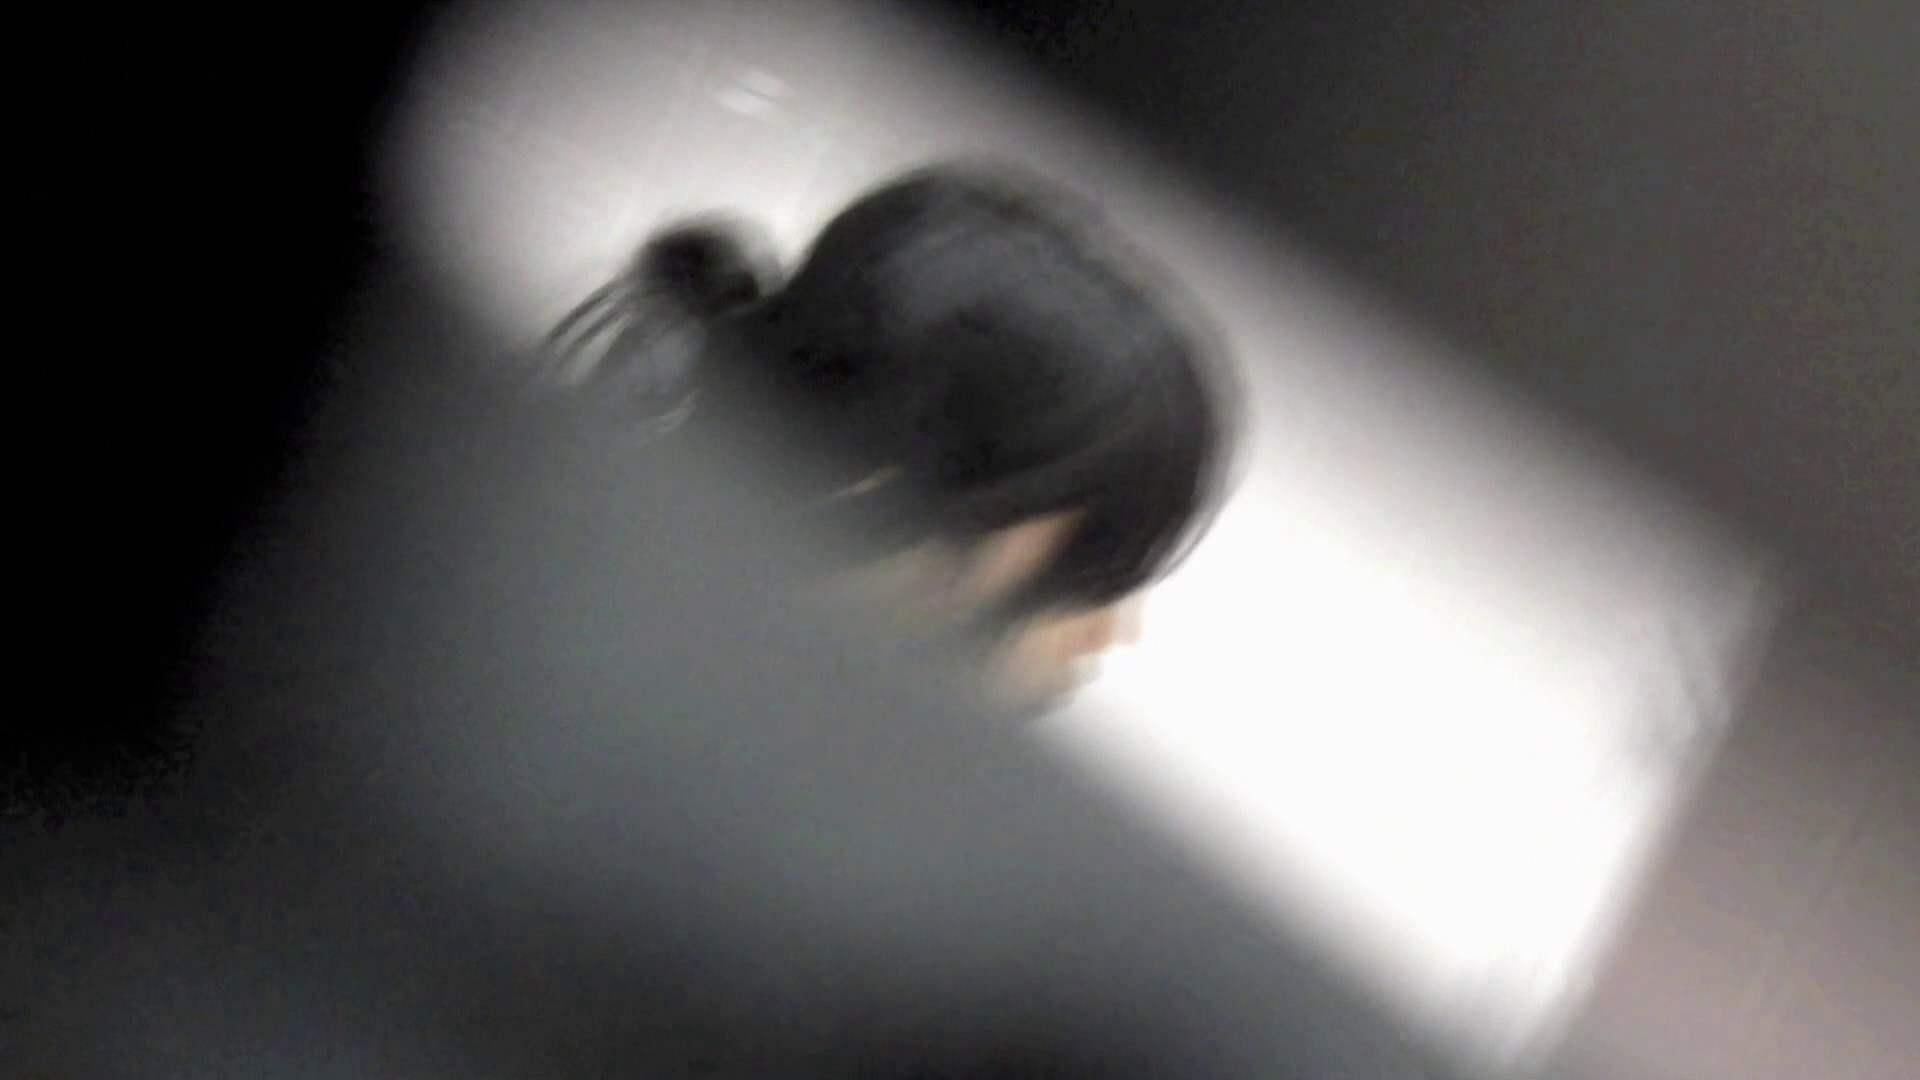 ▲復活限定▲マンコ丸見え!花火大会潜入撮Vol.01夏特番! 花火大会撮りおろし 潜入 盗撮われめAV動画紹介 107連発 107